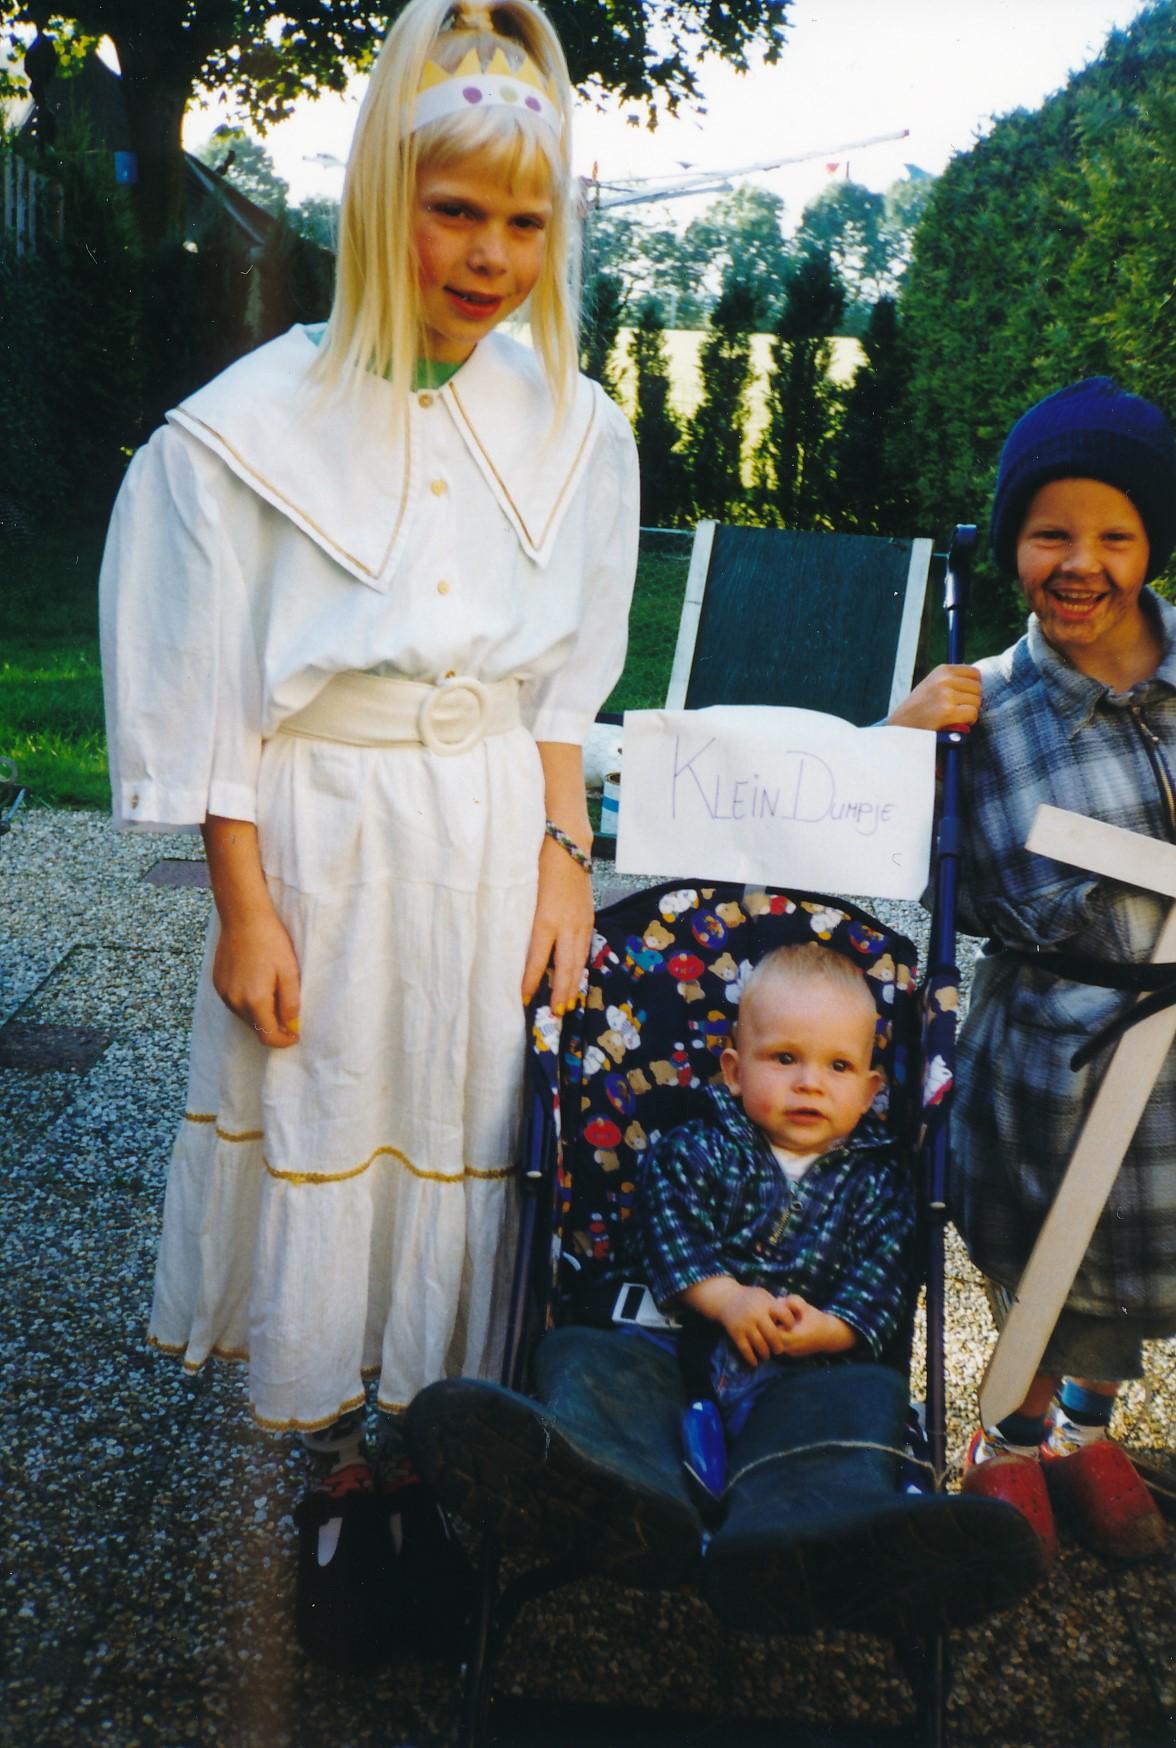 Fotoalbum Anneke Miedema, 059, Jitske en Sape ferklaait foar de merke 1998,Tjitze Miedema yn it fermidden as Klein Duimpje